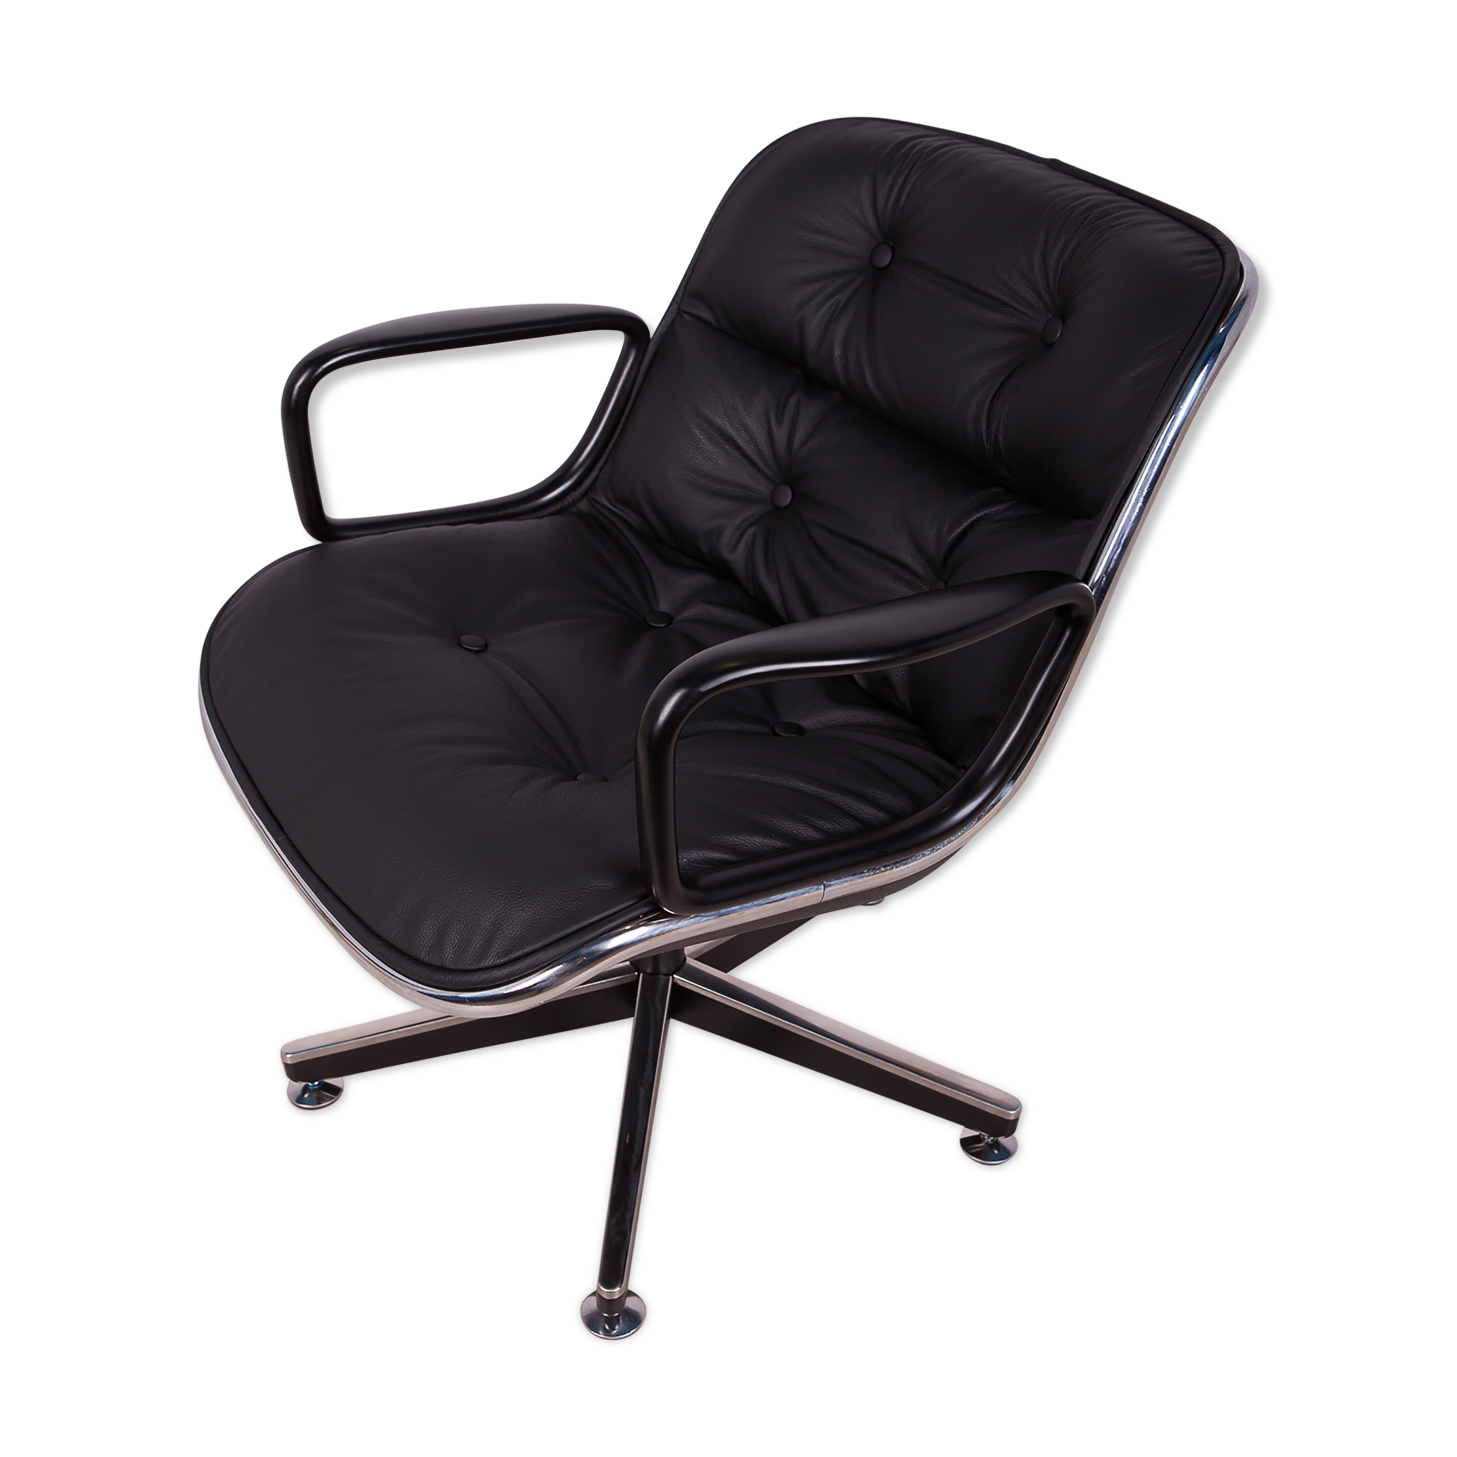 Chaise de bureau en cuir noir par Charles Pollock pour Knoll Inc. / Knoll International, années 1970